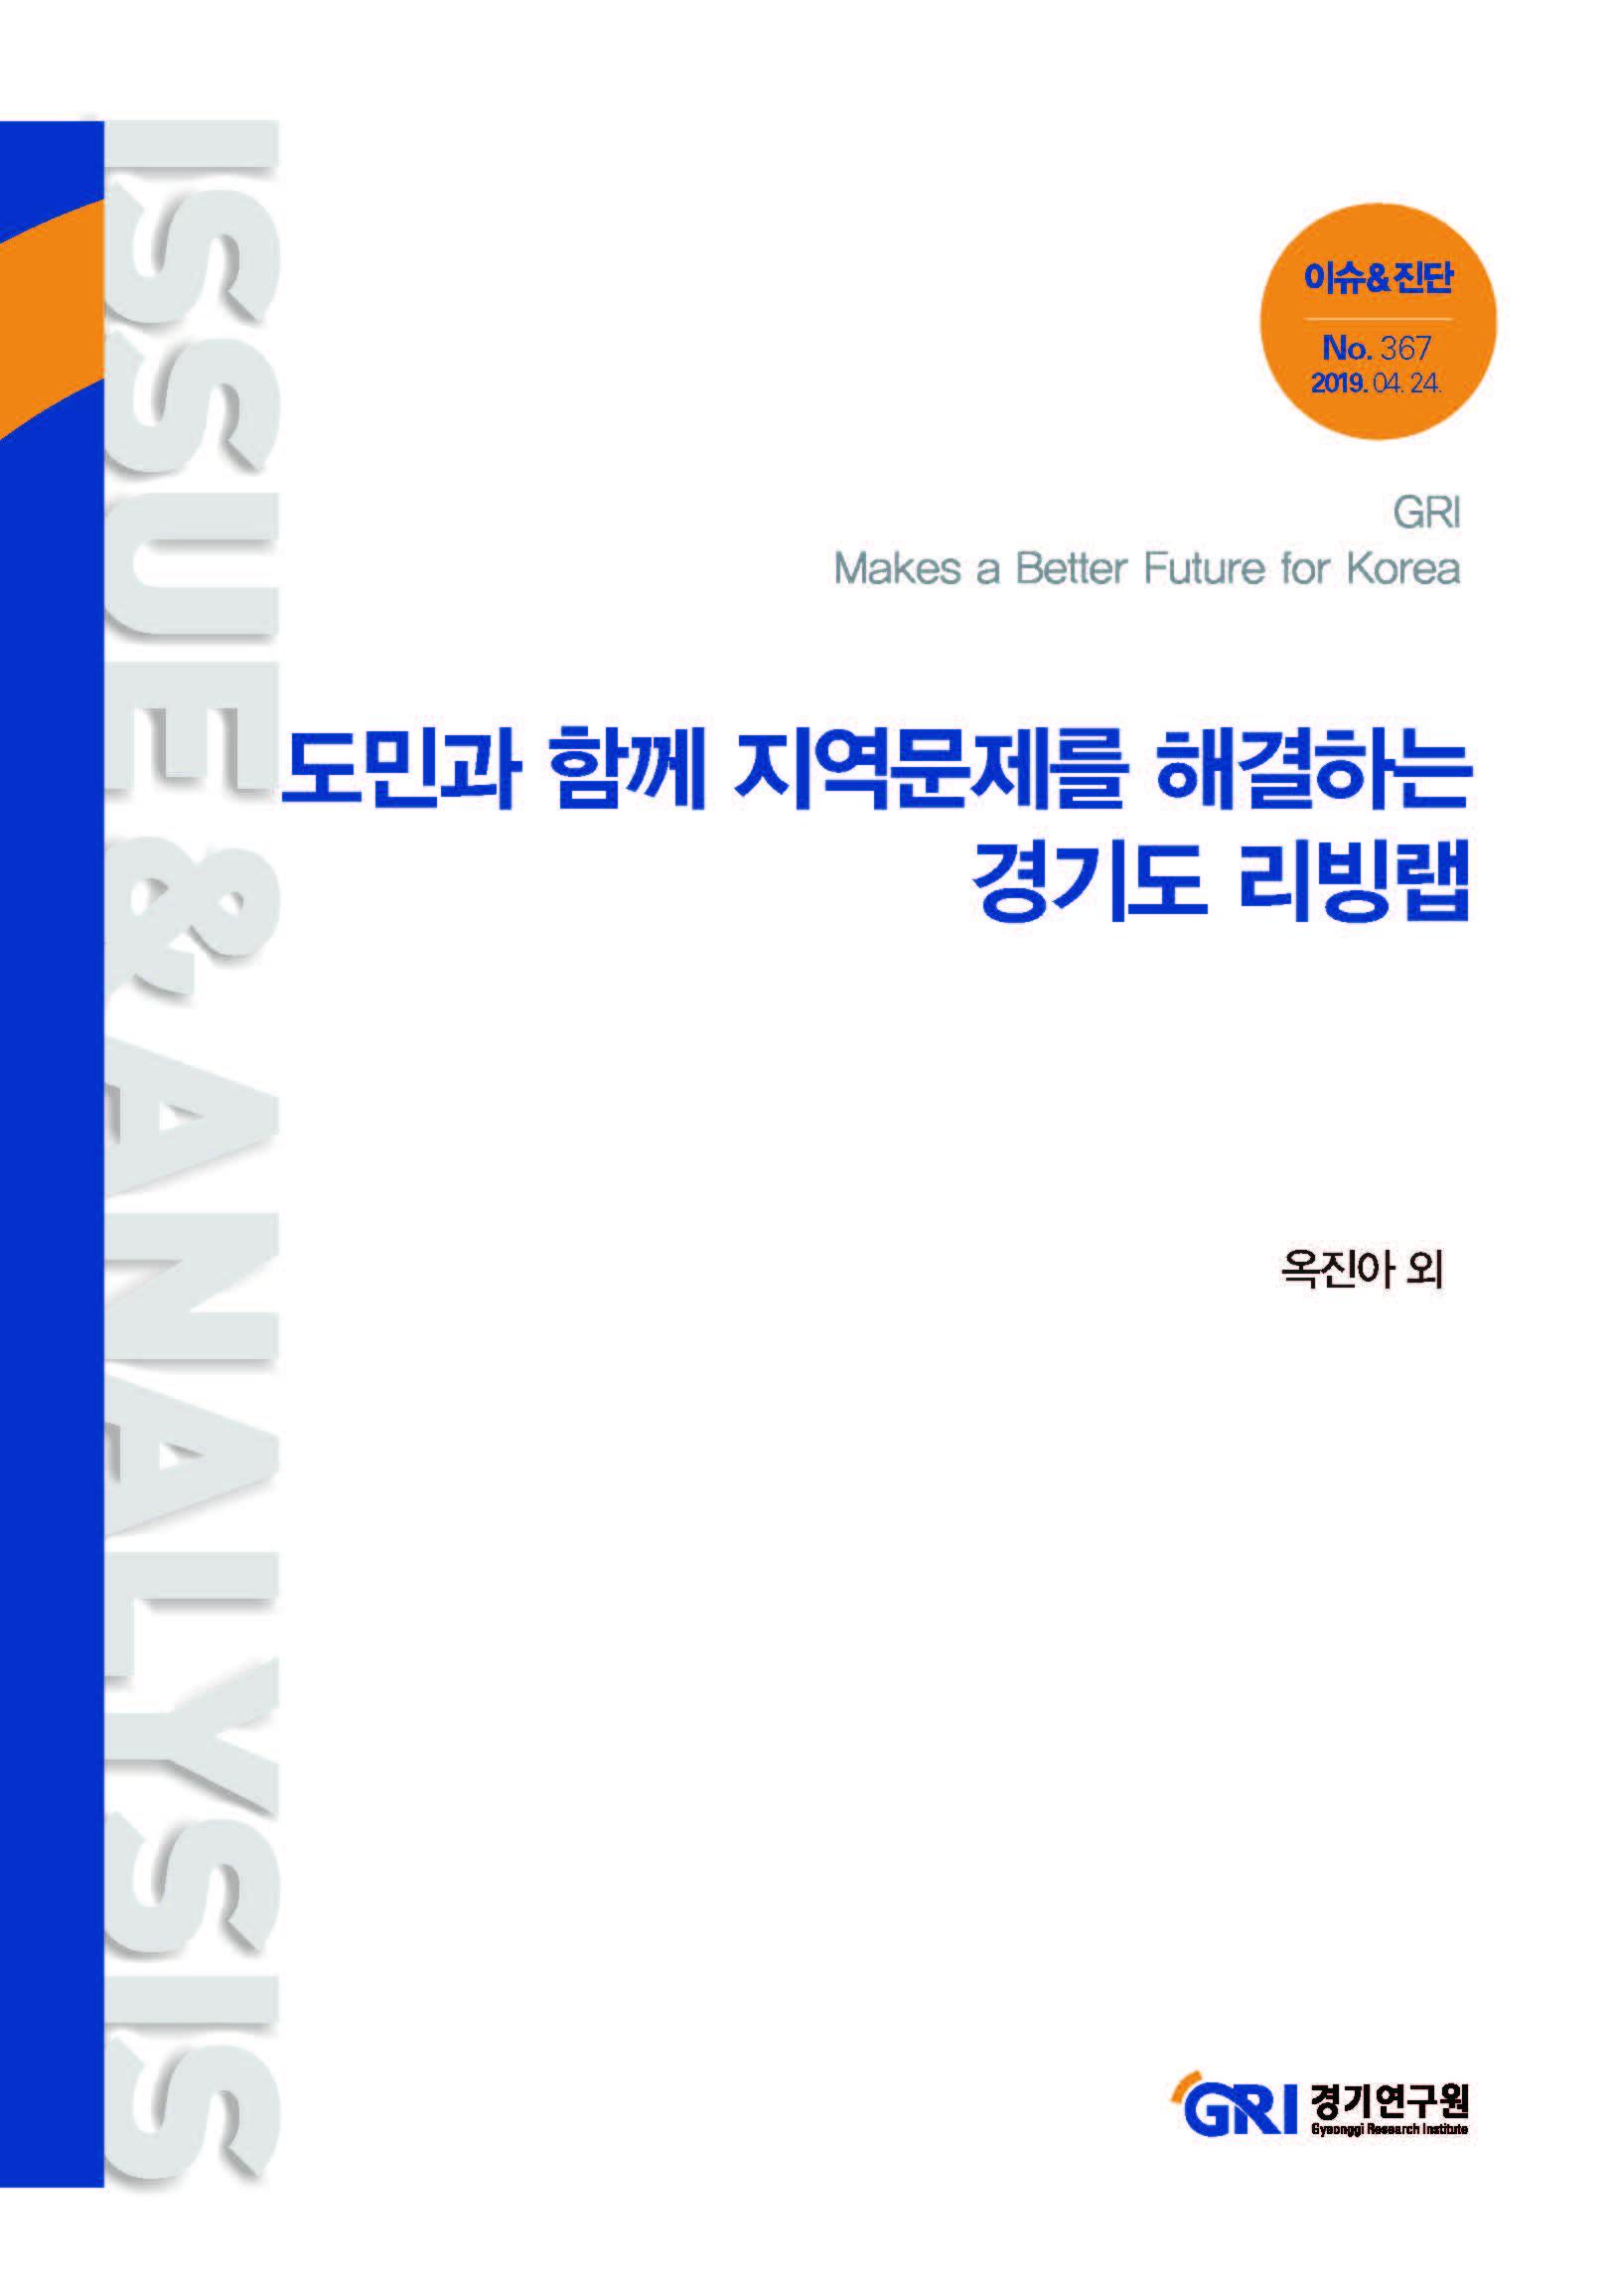 도민과 함께 지역문제를 해결하는 경기도 리빙랩